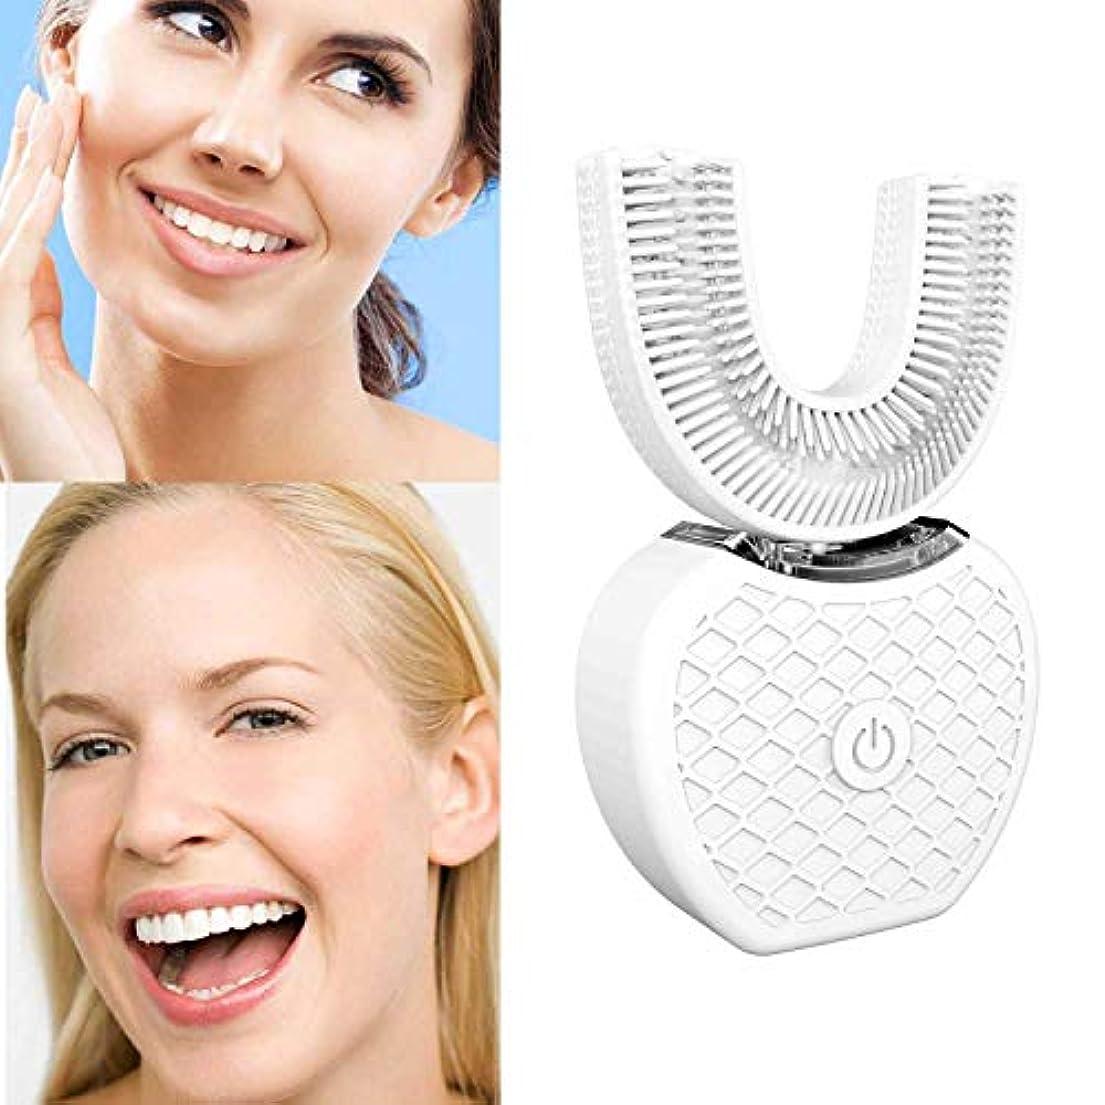 デュアル薄汚い憂鬱新しい電動歯ブラシ、V-white 超音波自動歯ブラシ360°包囲清掃歯、より深い清掃 (ホワイト)